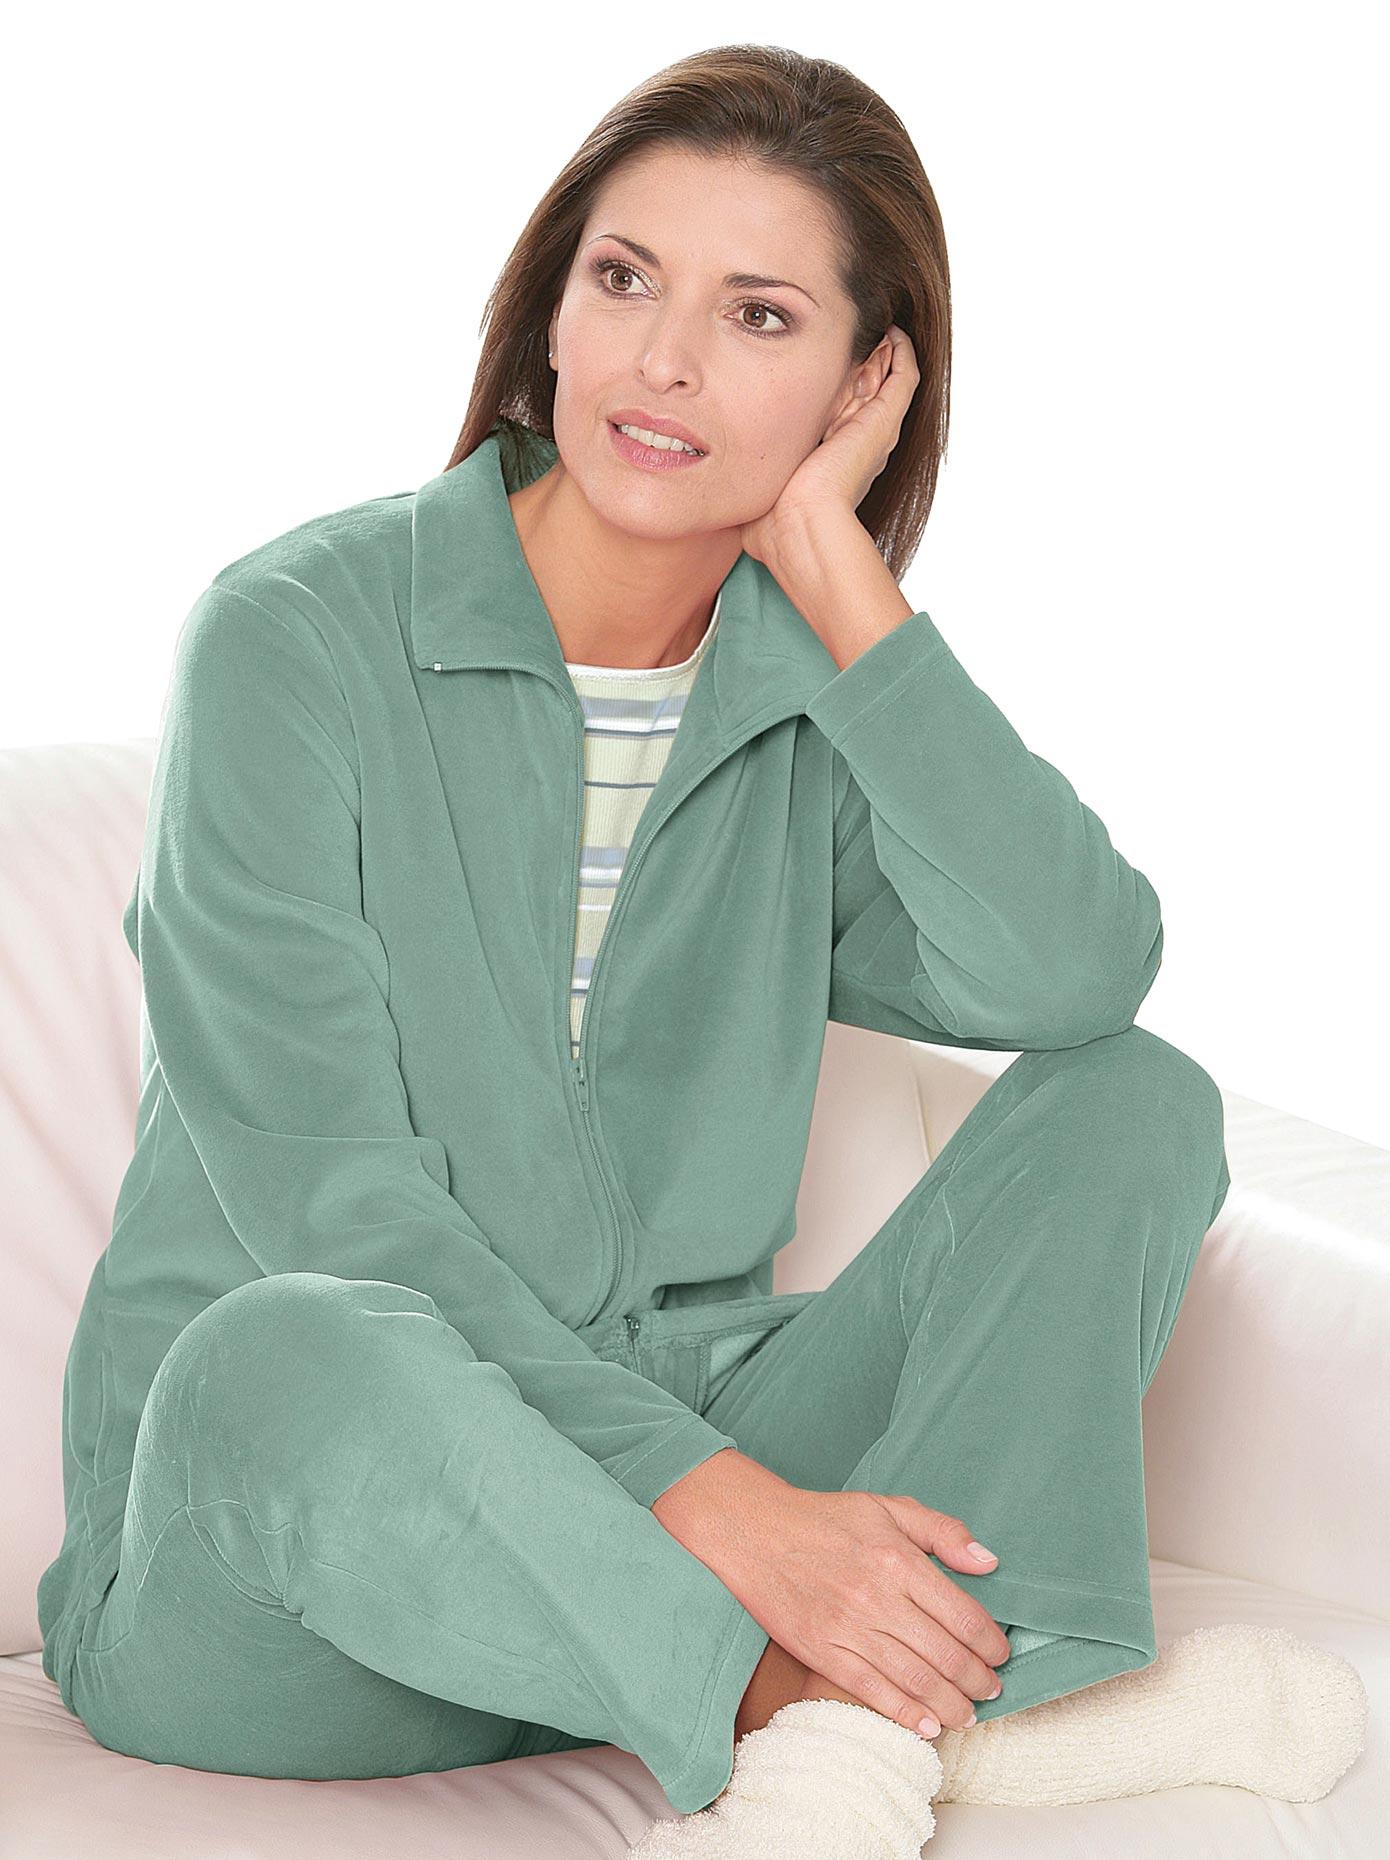 Hausanzug | Bekleidung > Homewear > Hausanzüge | Grün | Baumwolle